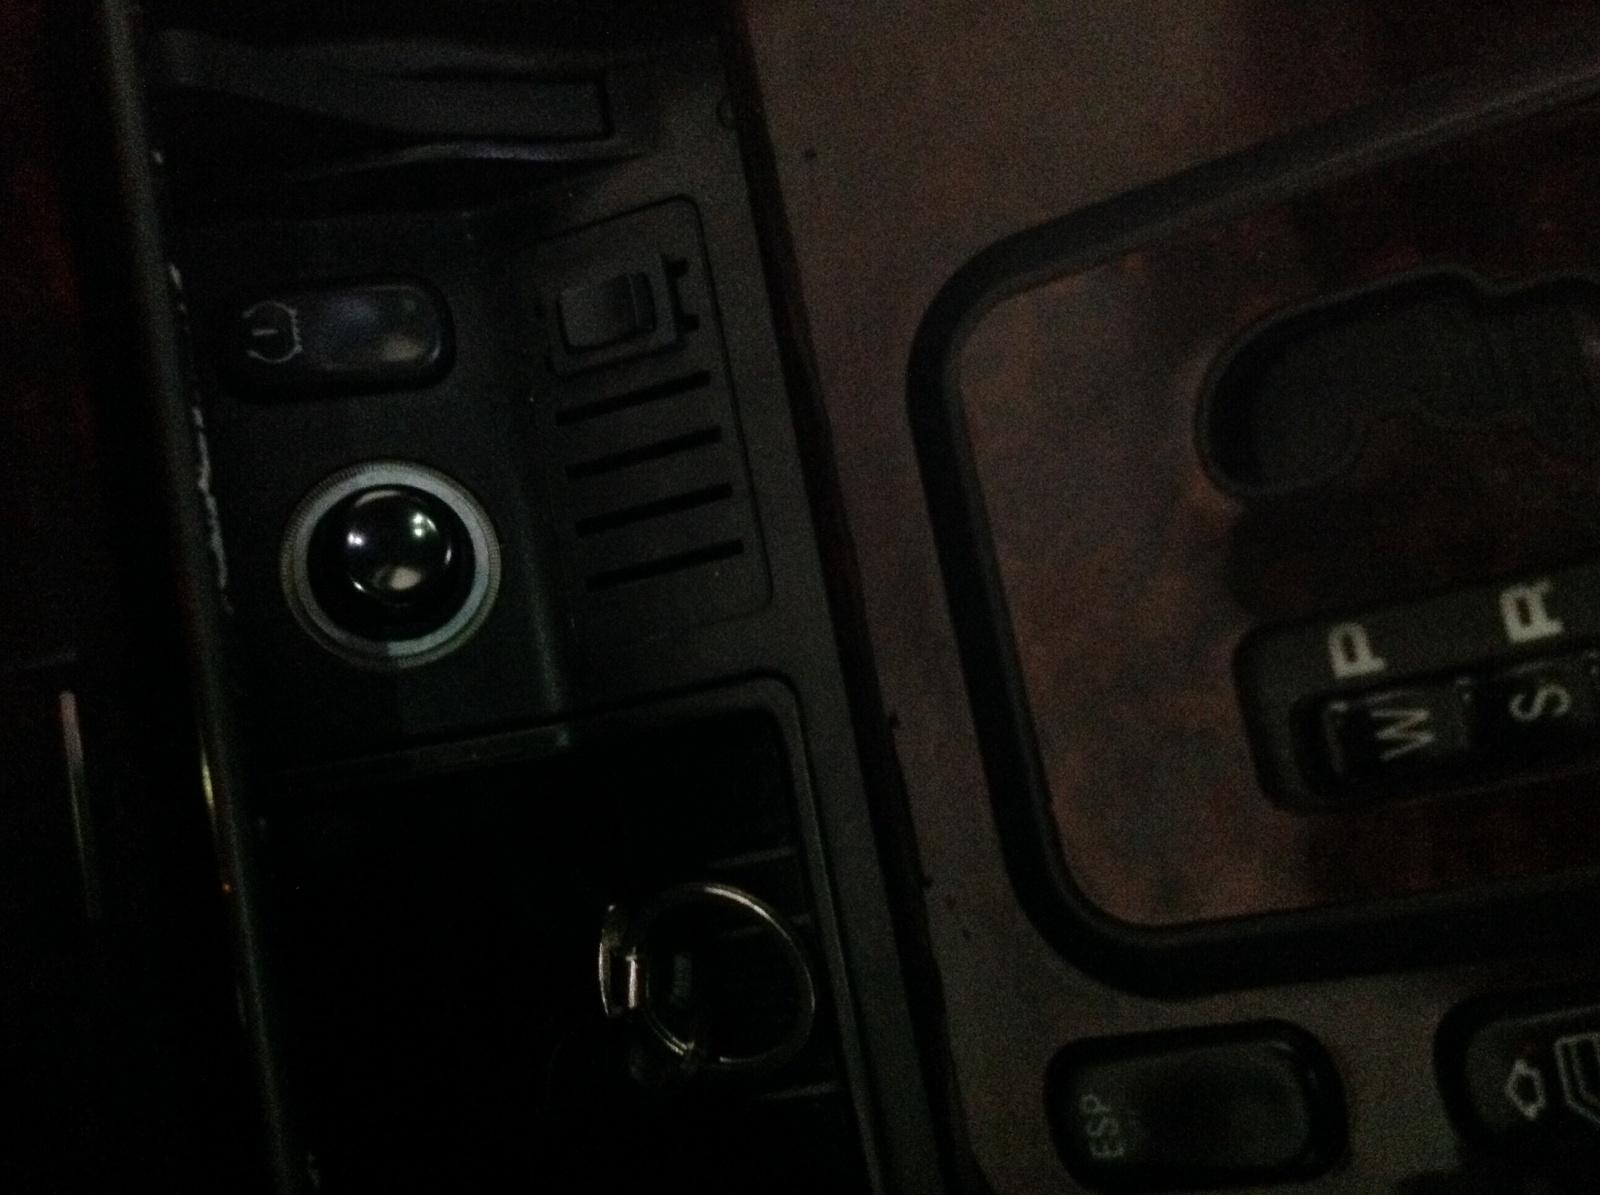 Controle de pressão ds pneus [+funciona?] 21ciaux